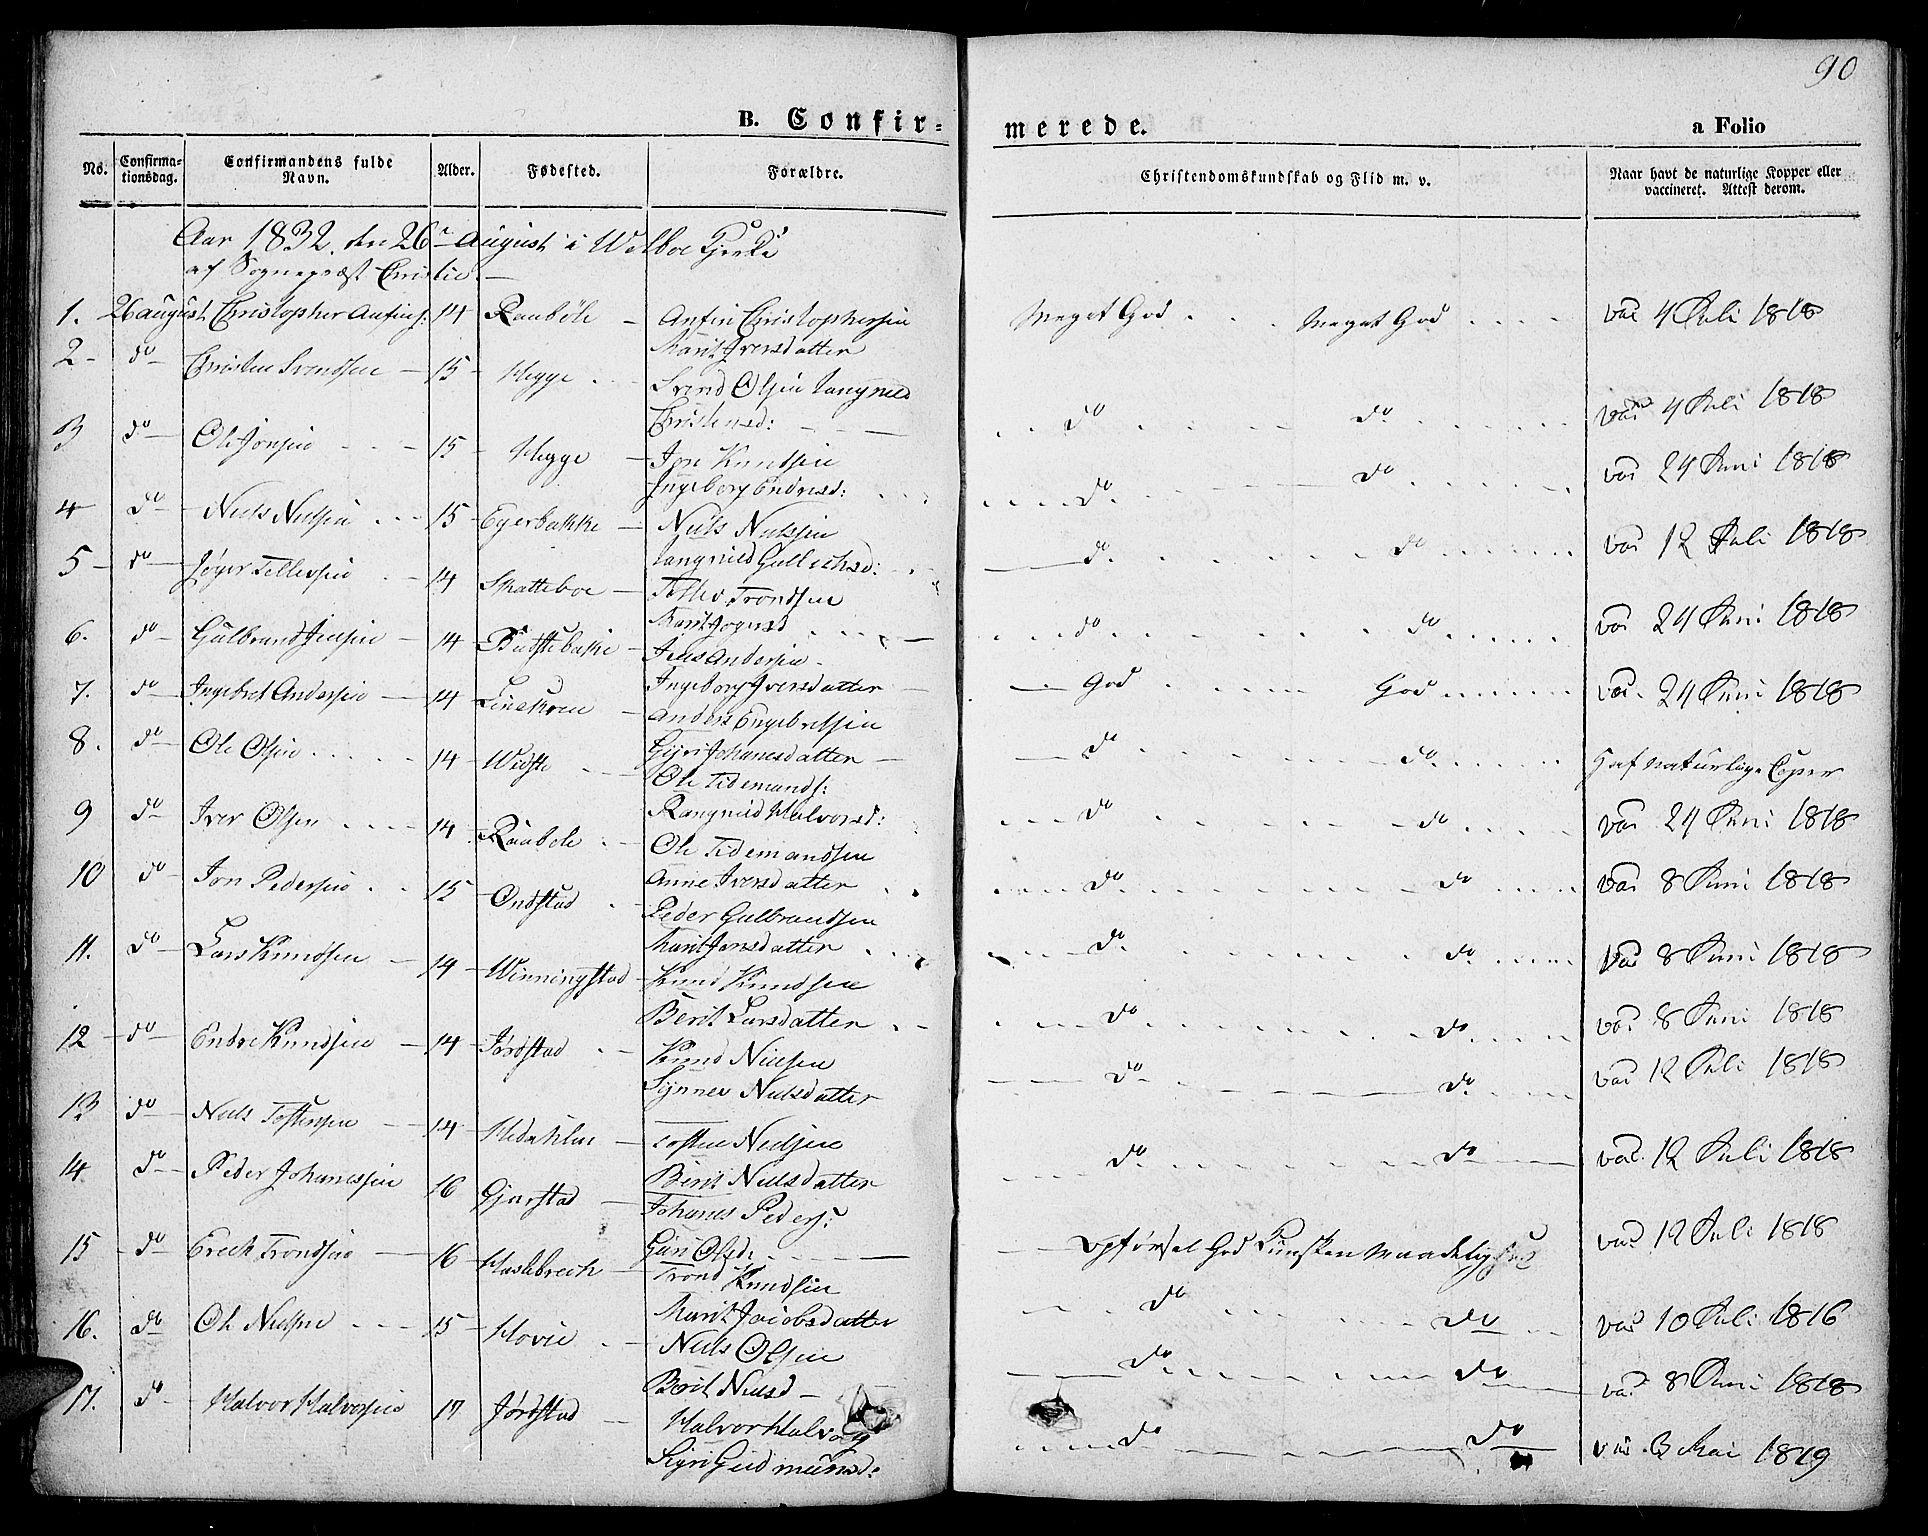 SAH, Slidre prestekontor, Ministerialbok nr. 4, 1831-1848, s. 90